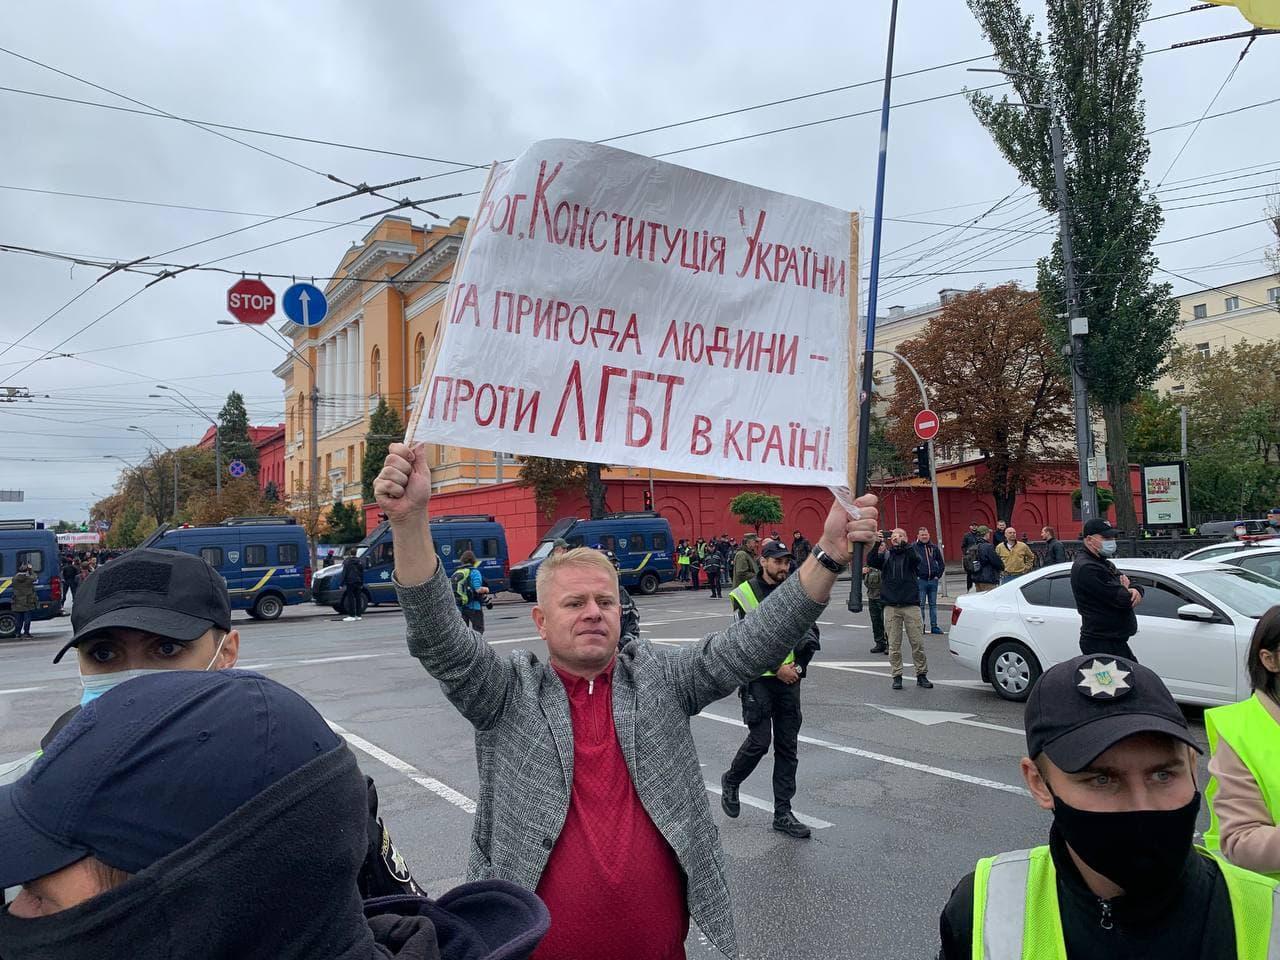 11:22 Участница ЛГБТ-марша устроила перформанс — просто упала посреди улицы и лежит на дороге.